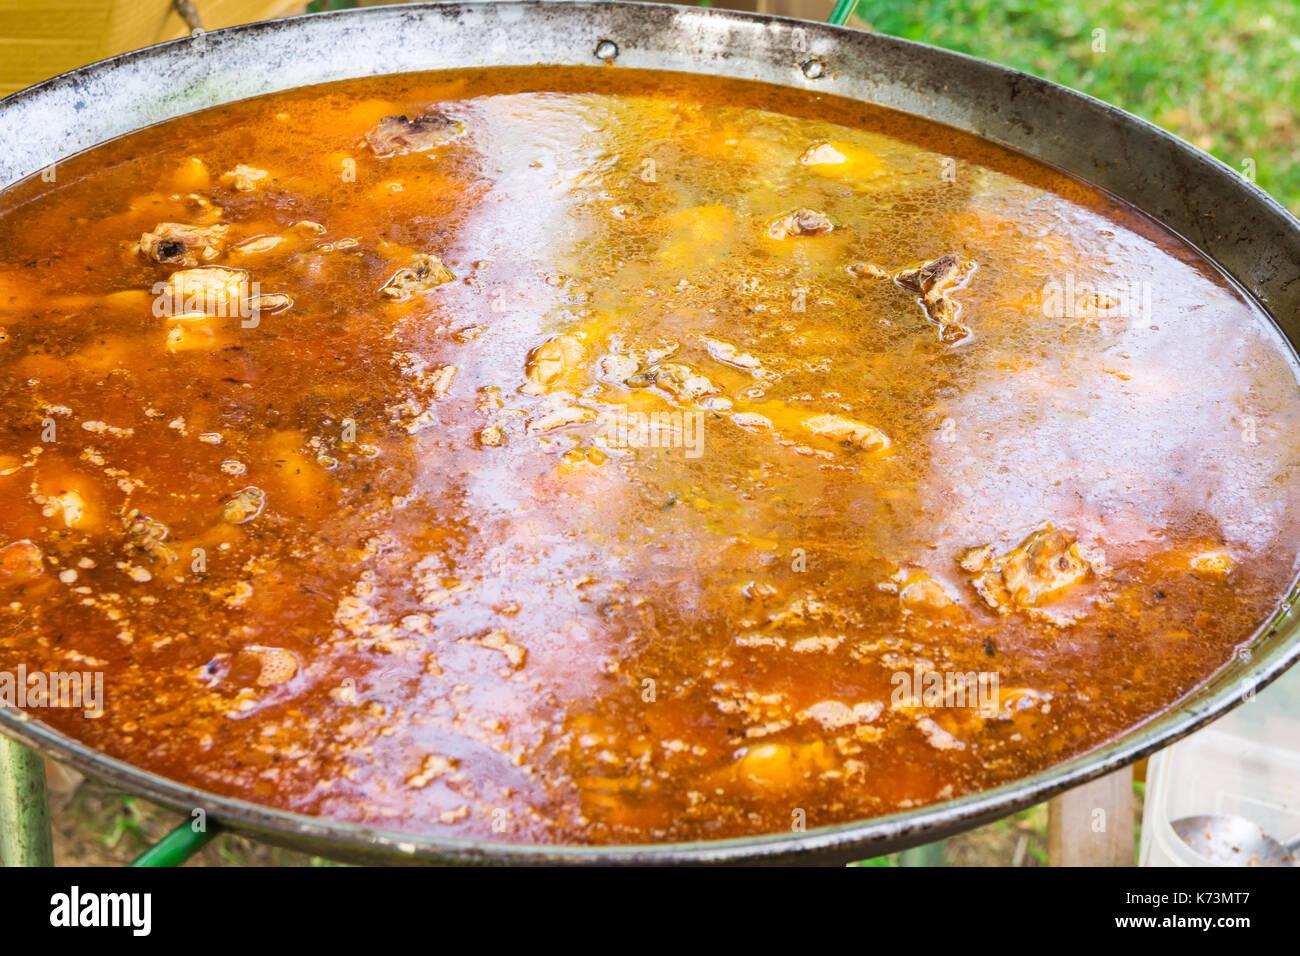 Proceso de cocinar paella valenciana o española jambalaya en sartén plana grande. Ingredientes carnes, arroz, legumbres, especias simmering en caldo con Foto de stock